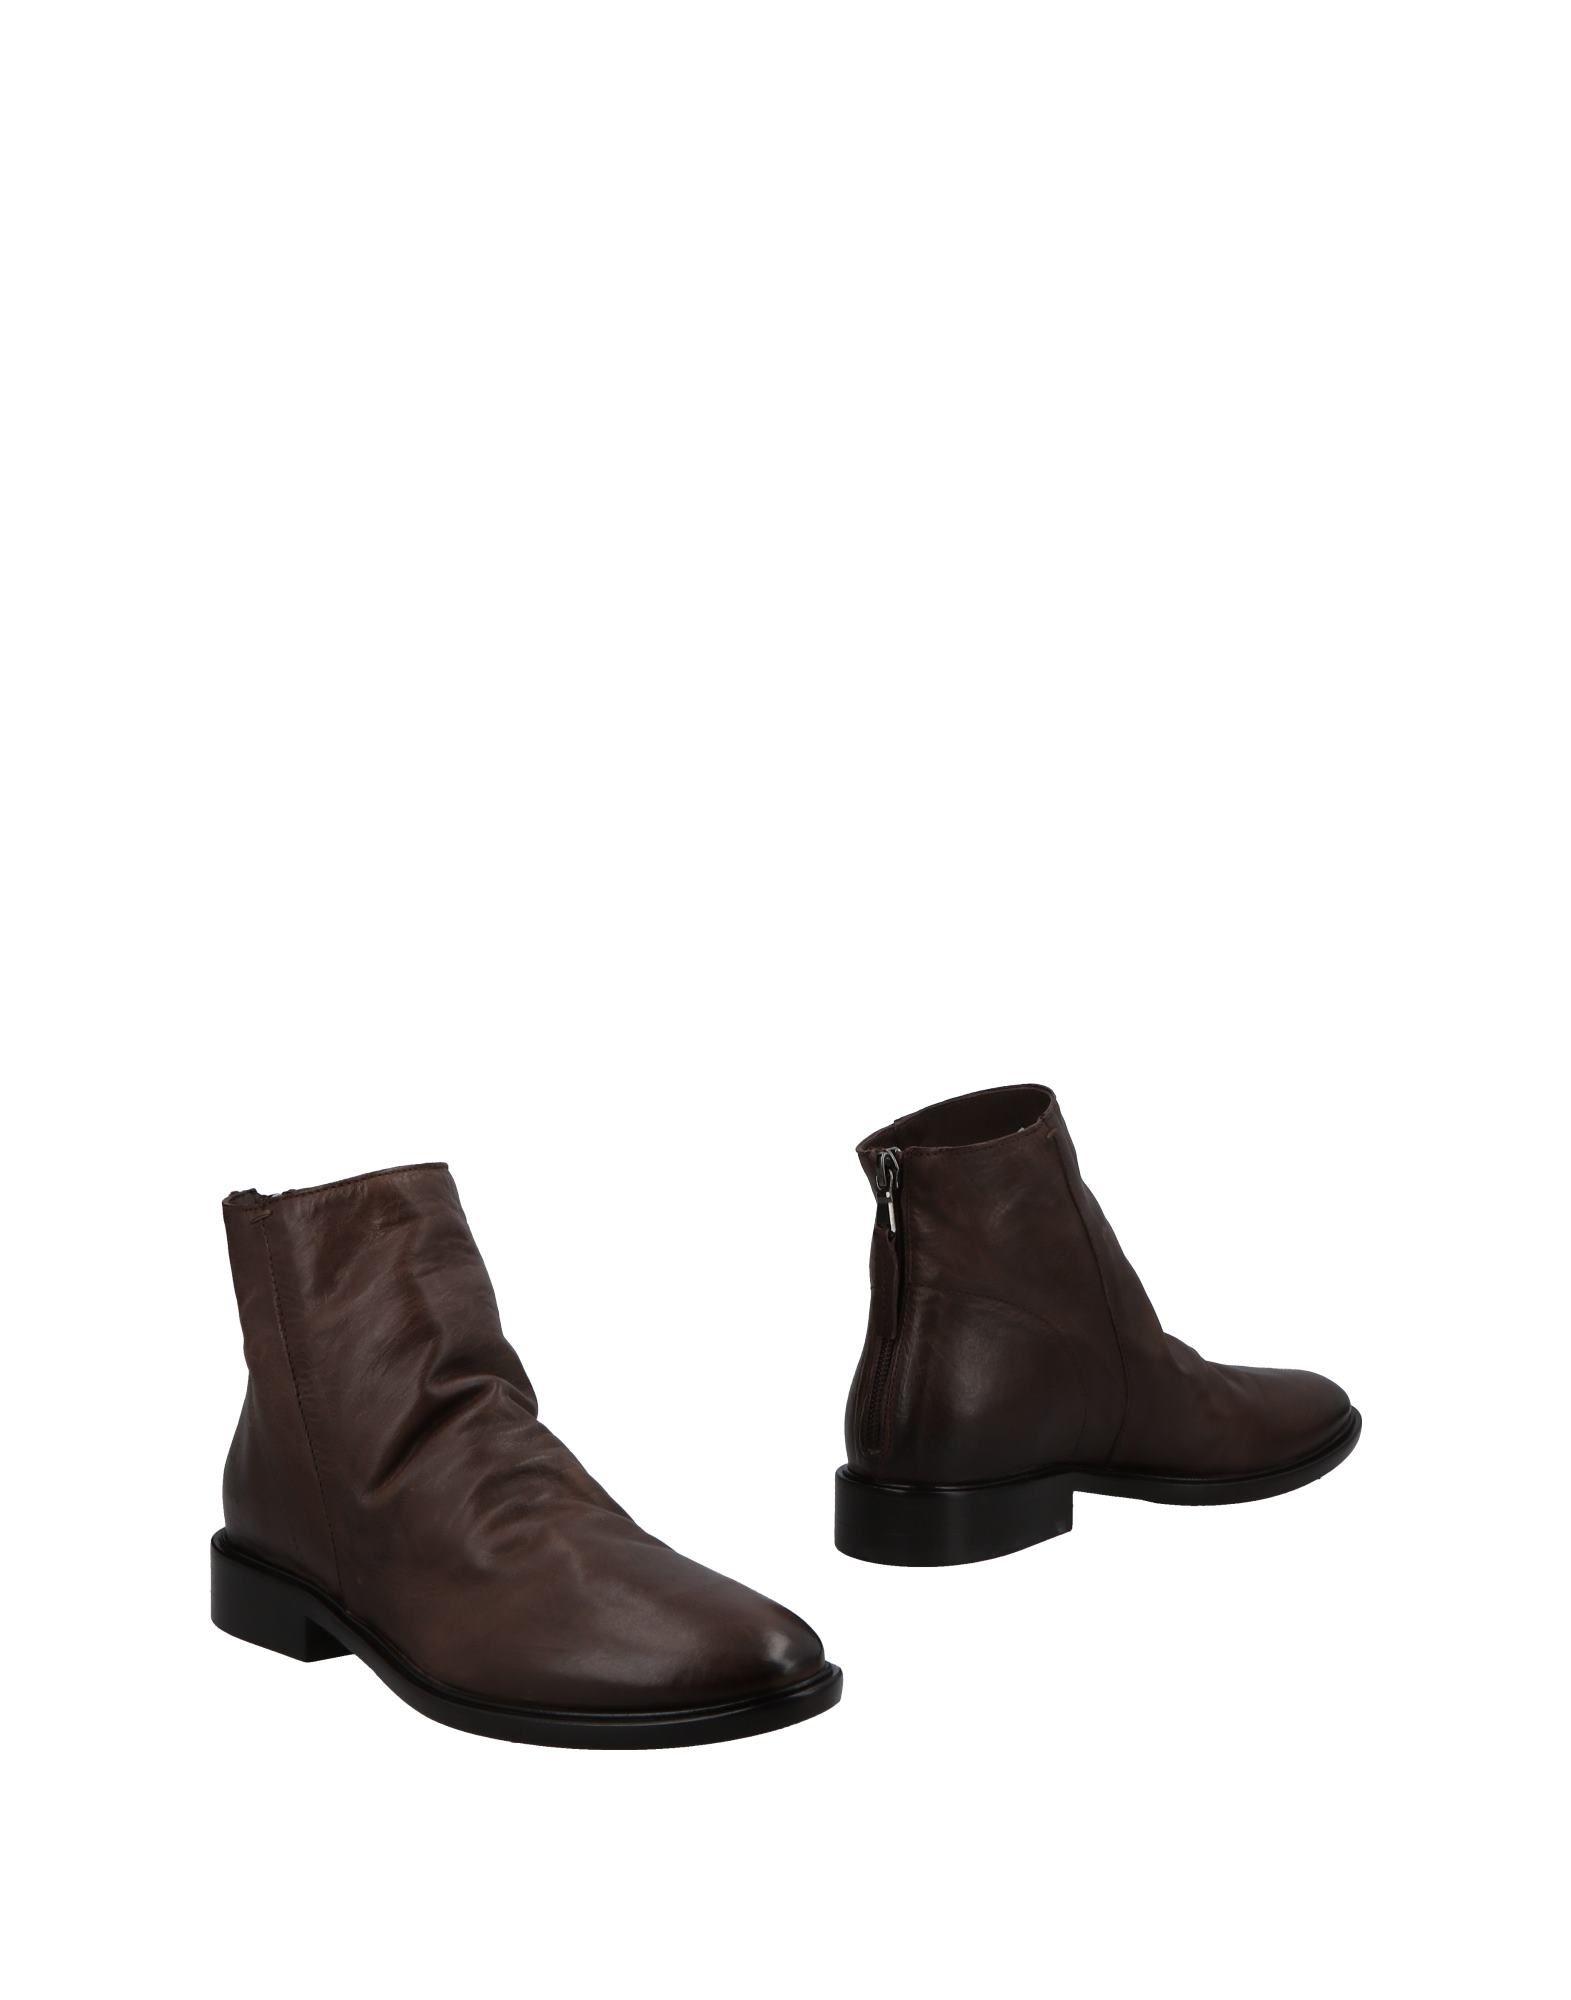 Strategia aussehende Stiefelette Damen  11502612DOGut aussehende Strategia strapazierfähige Schuhe 3dbe15